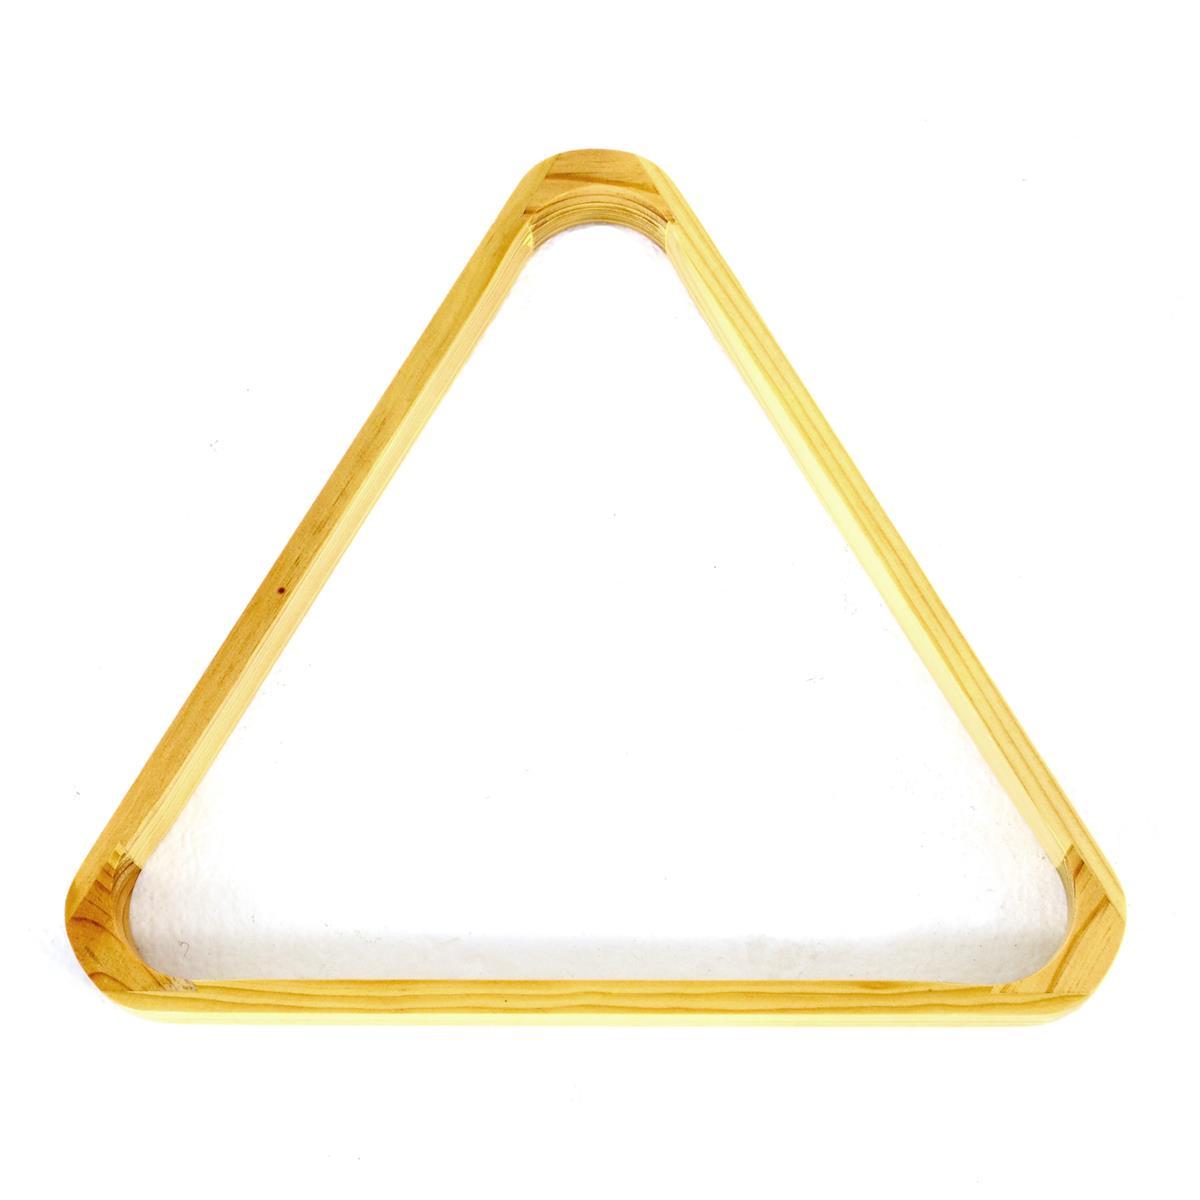 Billard Snooker Pool Dreieck Triangel aus Holz Billardtisch Echtholz natur-braun